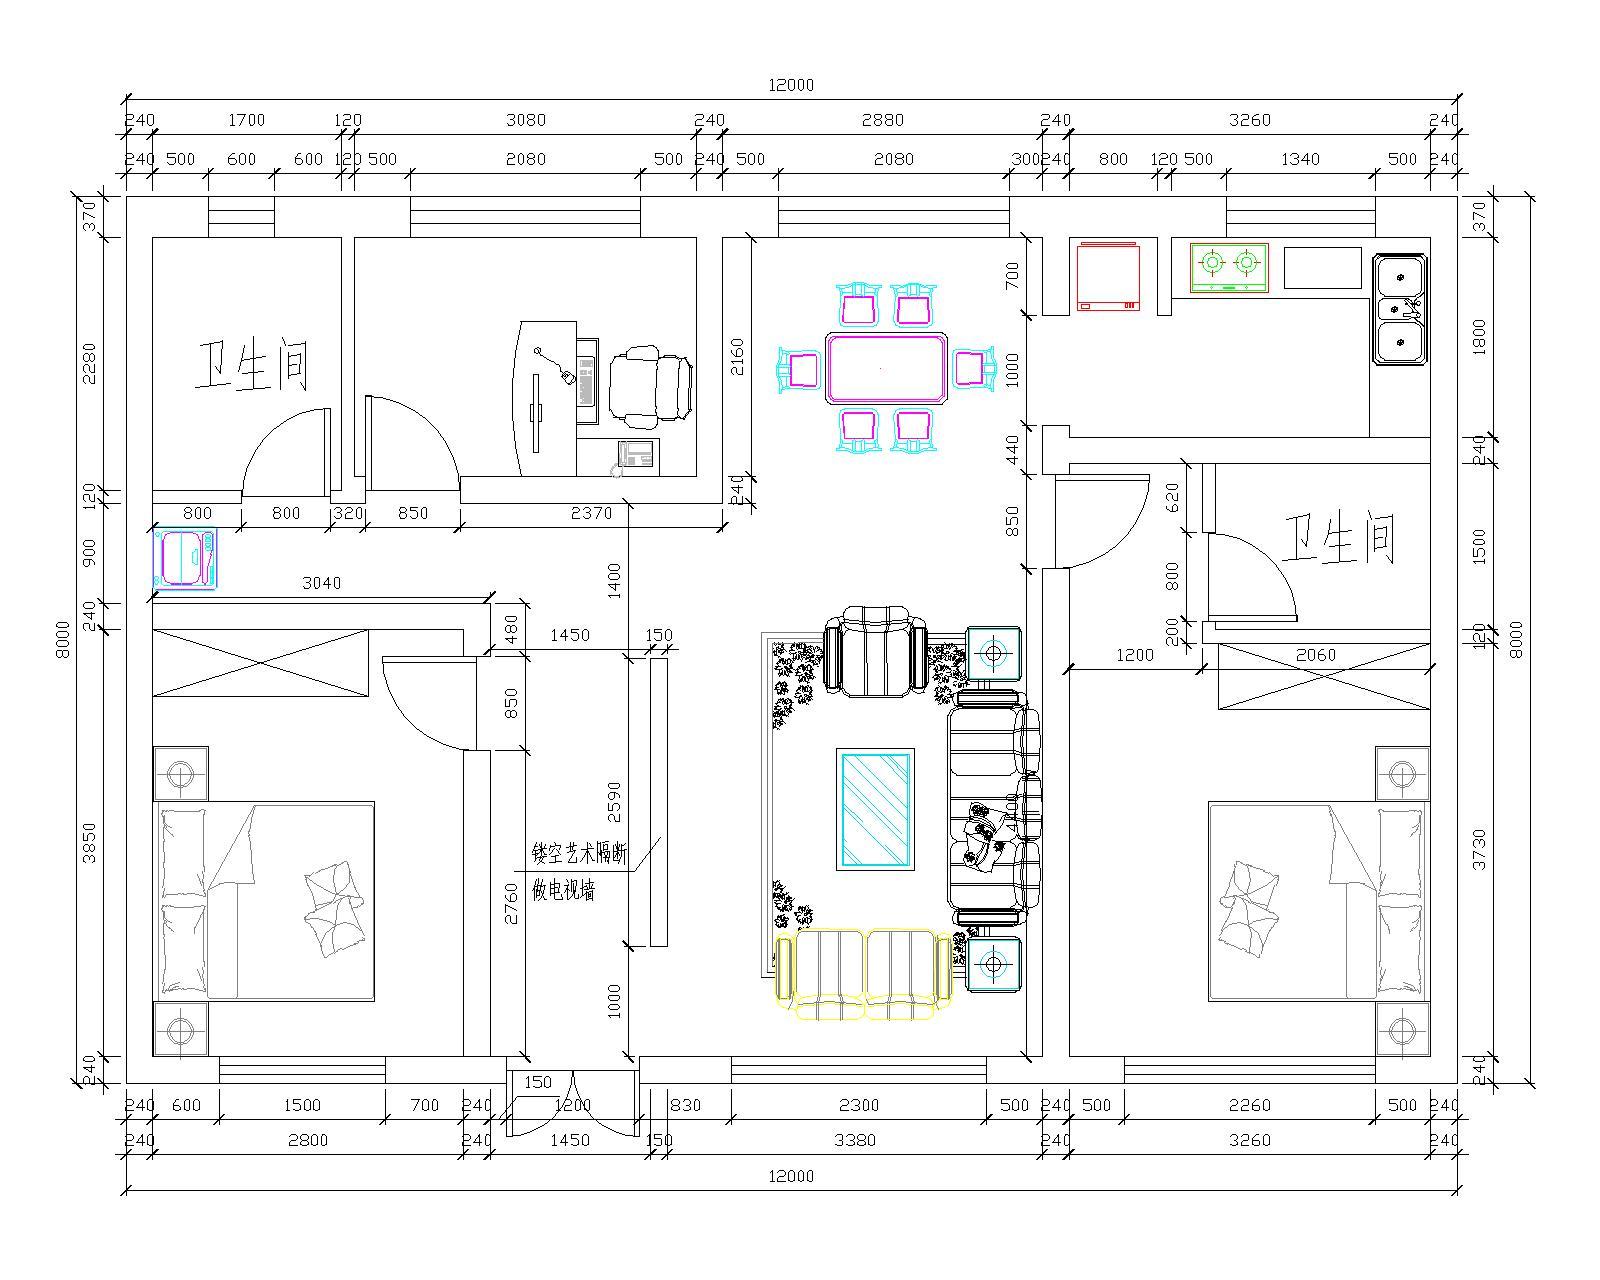 我的房子南北长13米东西宽9米怎么设计房间和客厅啊图片